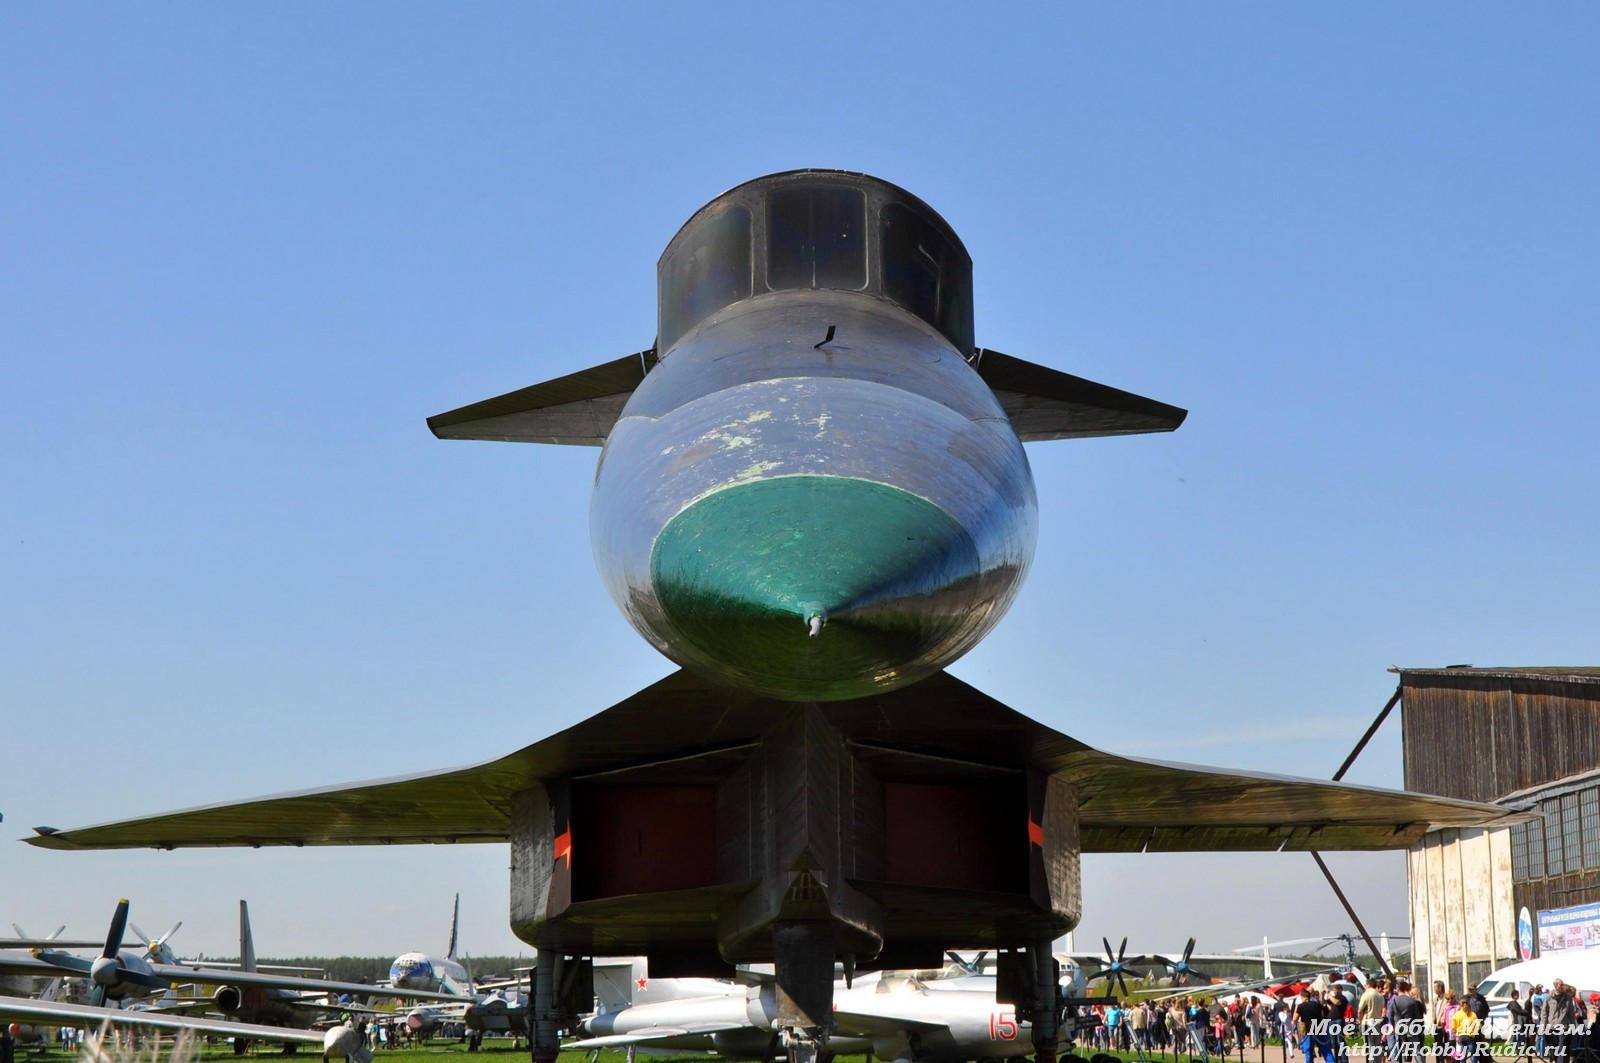 Сверхзвуковой бомбардировщик Су-100 или Т-4 Передние стабилизирующие крылышки указывают на аэродинамическую схему УТКА